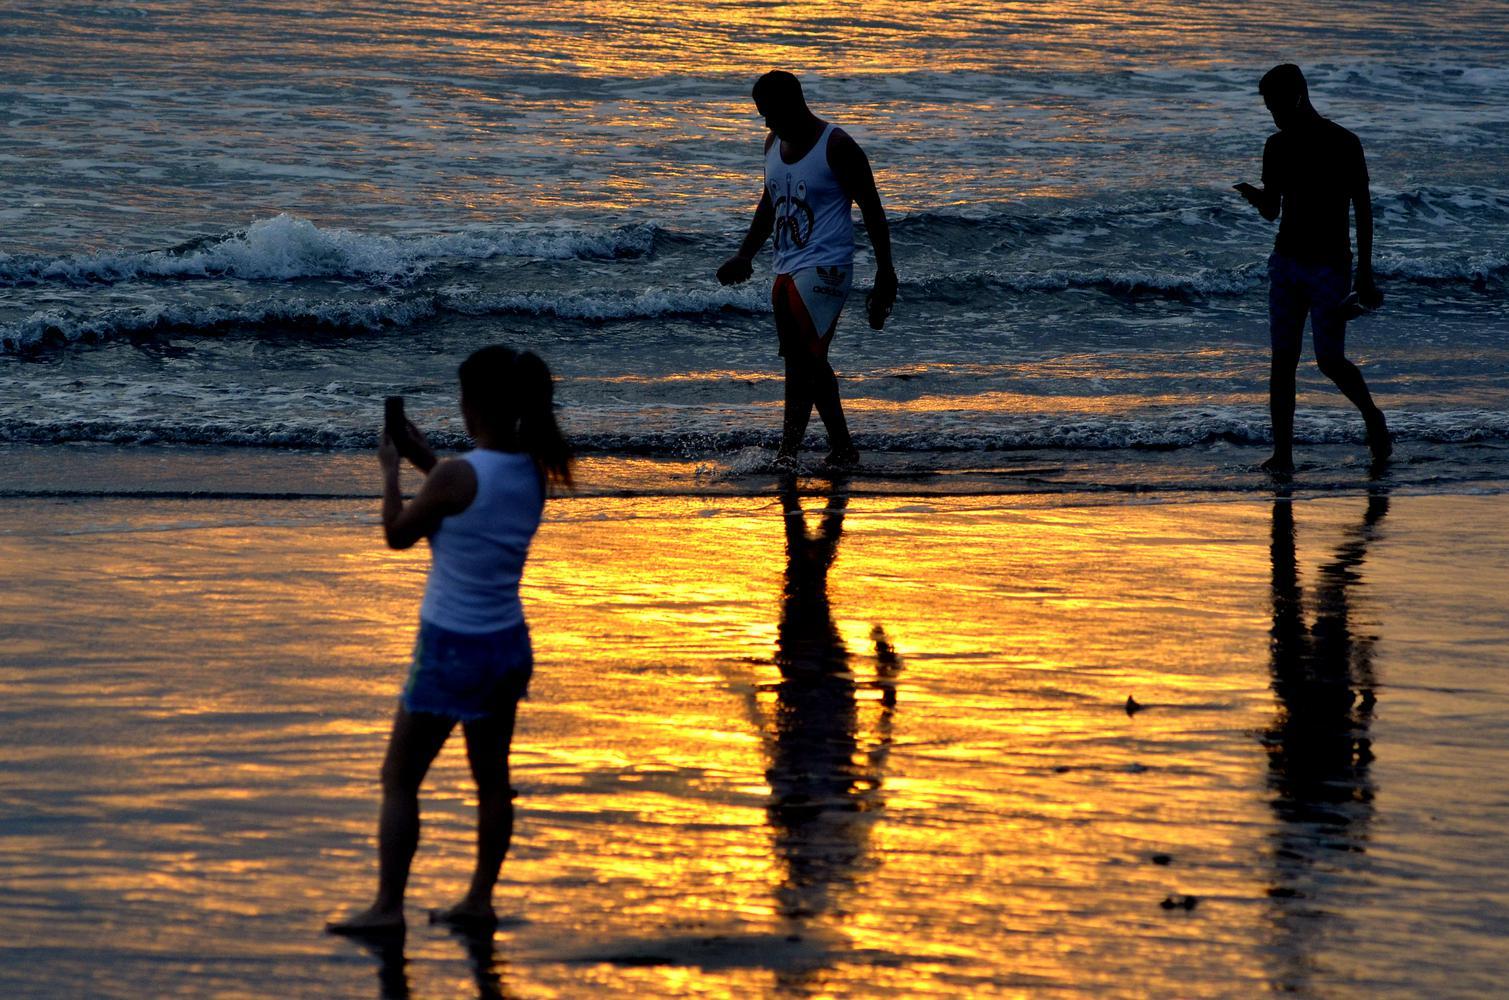 Wisatawan mengunjungi kawasan Pantai Kuta, Badung, Bali, Kamis (9/7/2020). Pengelola Pantai Kuta mulai membuka kembali kawasan yang merupakan salah satu destinasi pariwisata utama di Pulau Dewata tersebut setelah sebelumnya sempat ditutup selama lebih dar